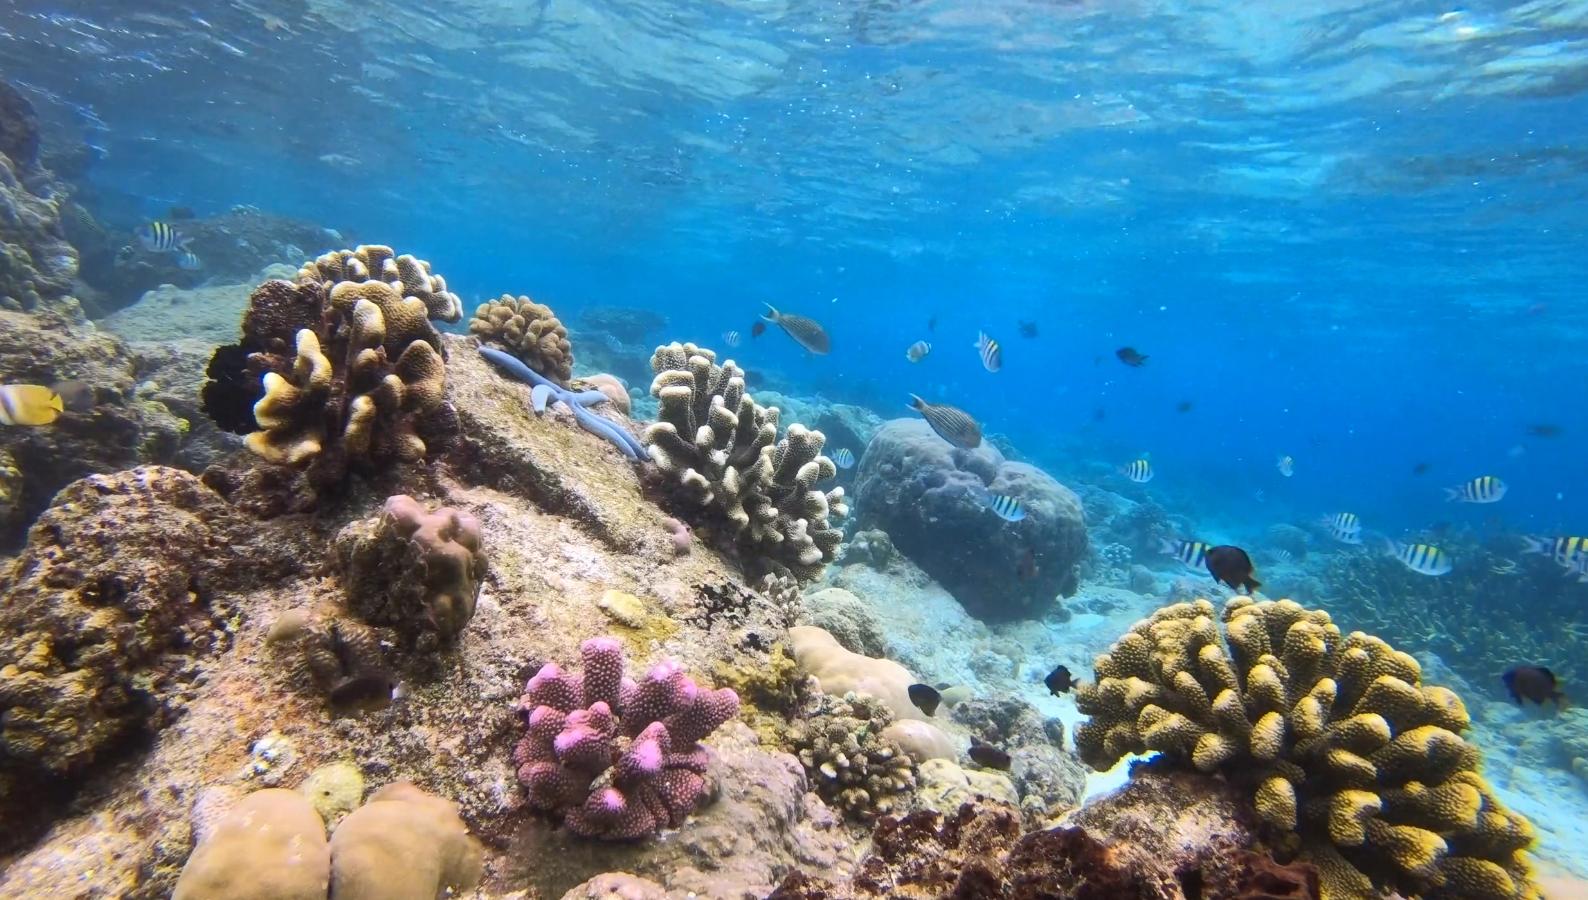 Marine Life at Raja Ampat